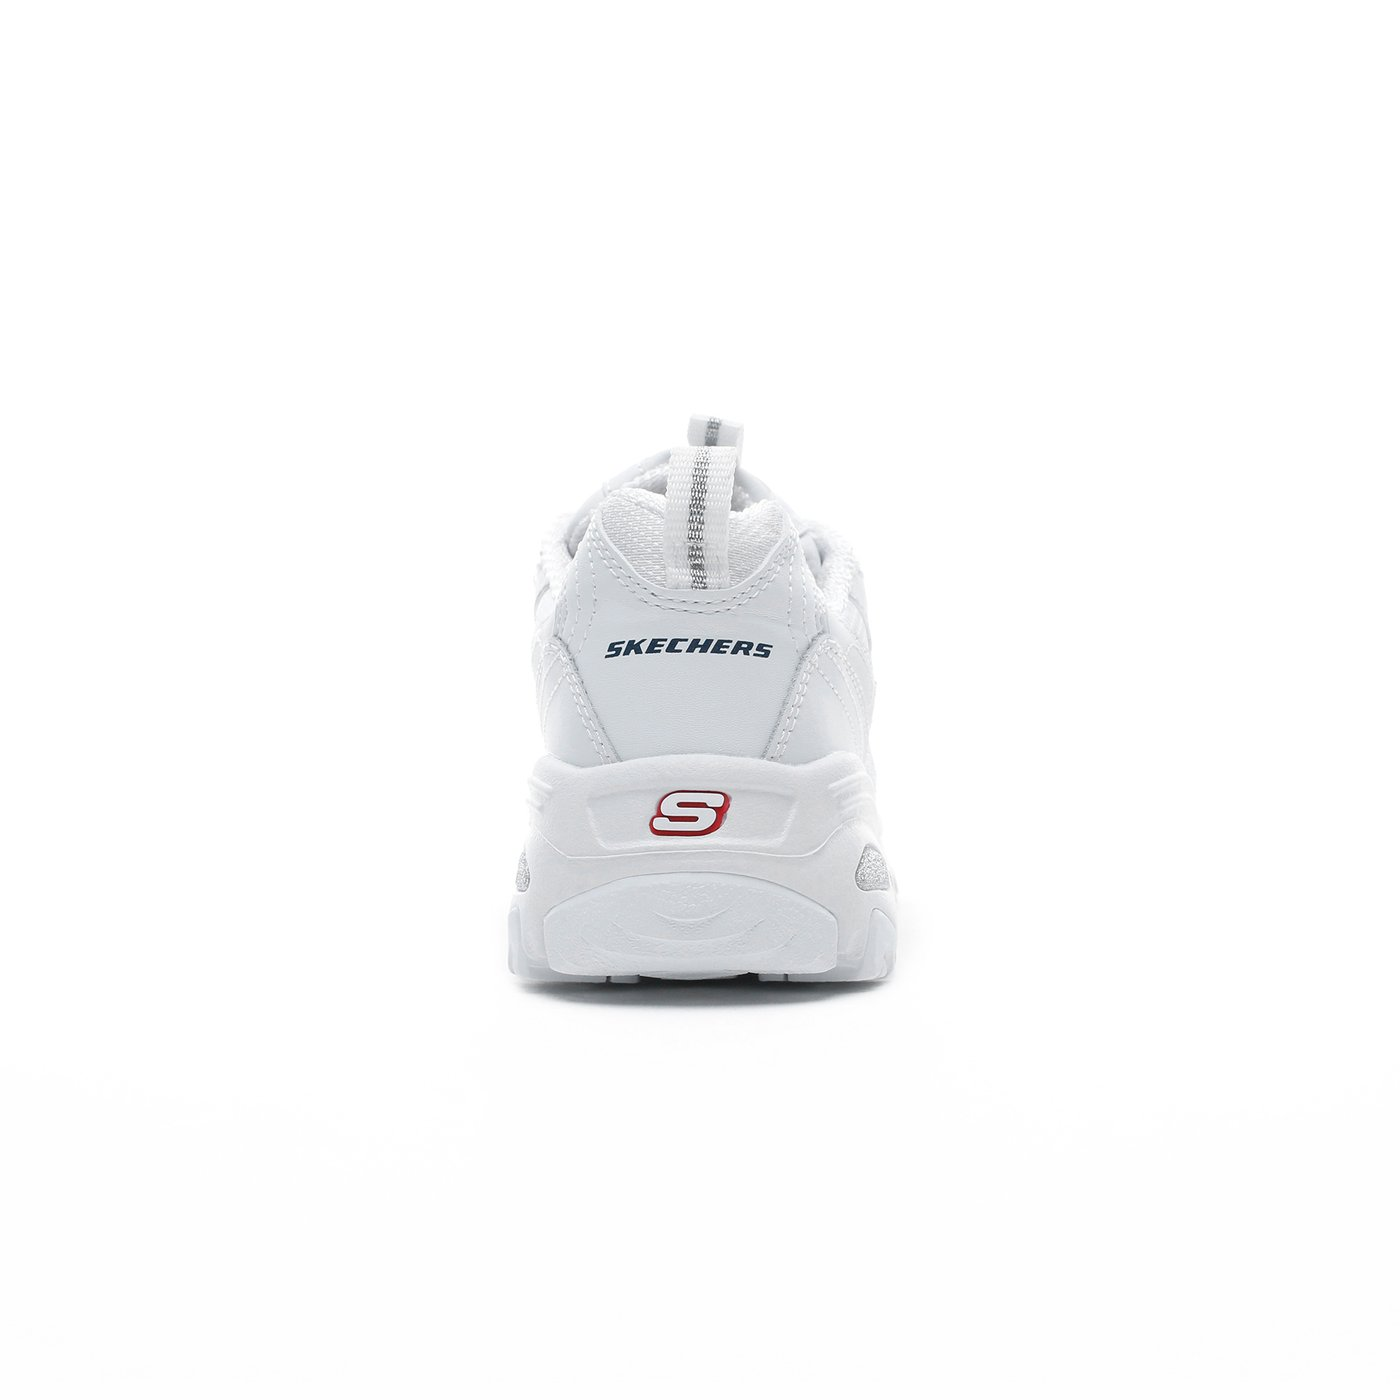 Skechers D'Lites - Fresh Start Kadın Beyaz Spor Ayakkabı